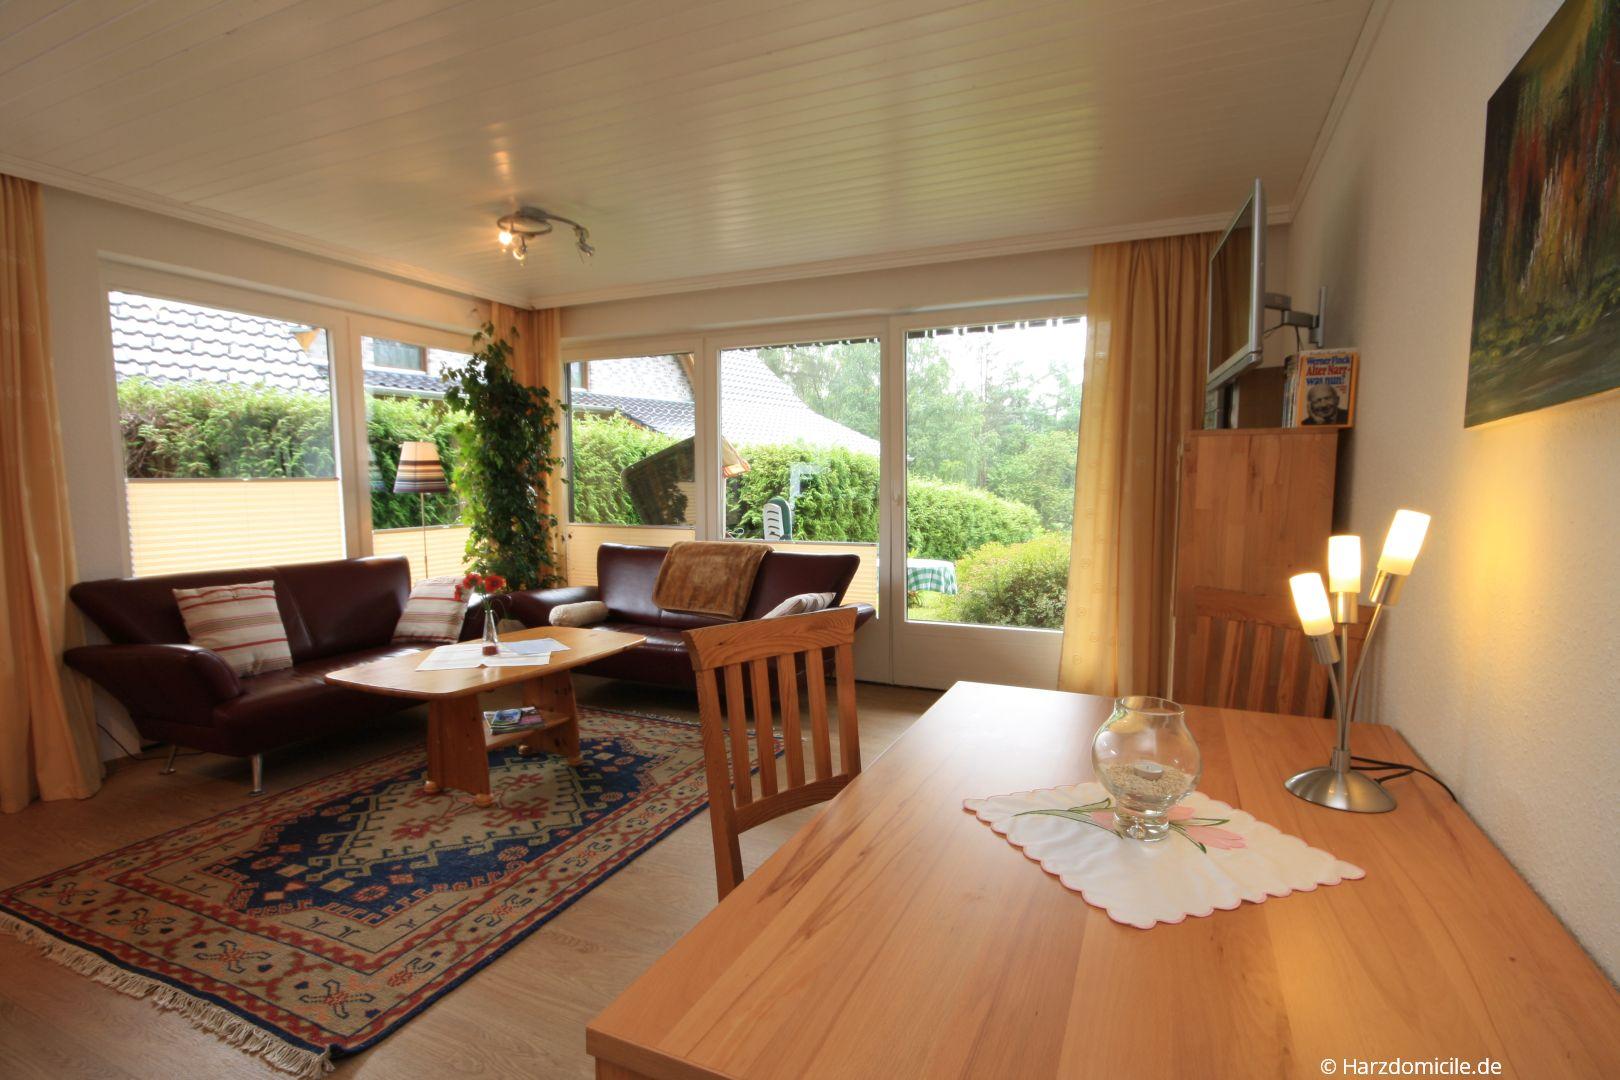 Offener Wohn Essbereich wohn essbereich mit offener küche ferienwohnung mohn harzdomicile